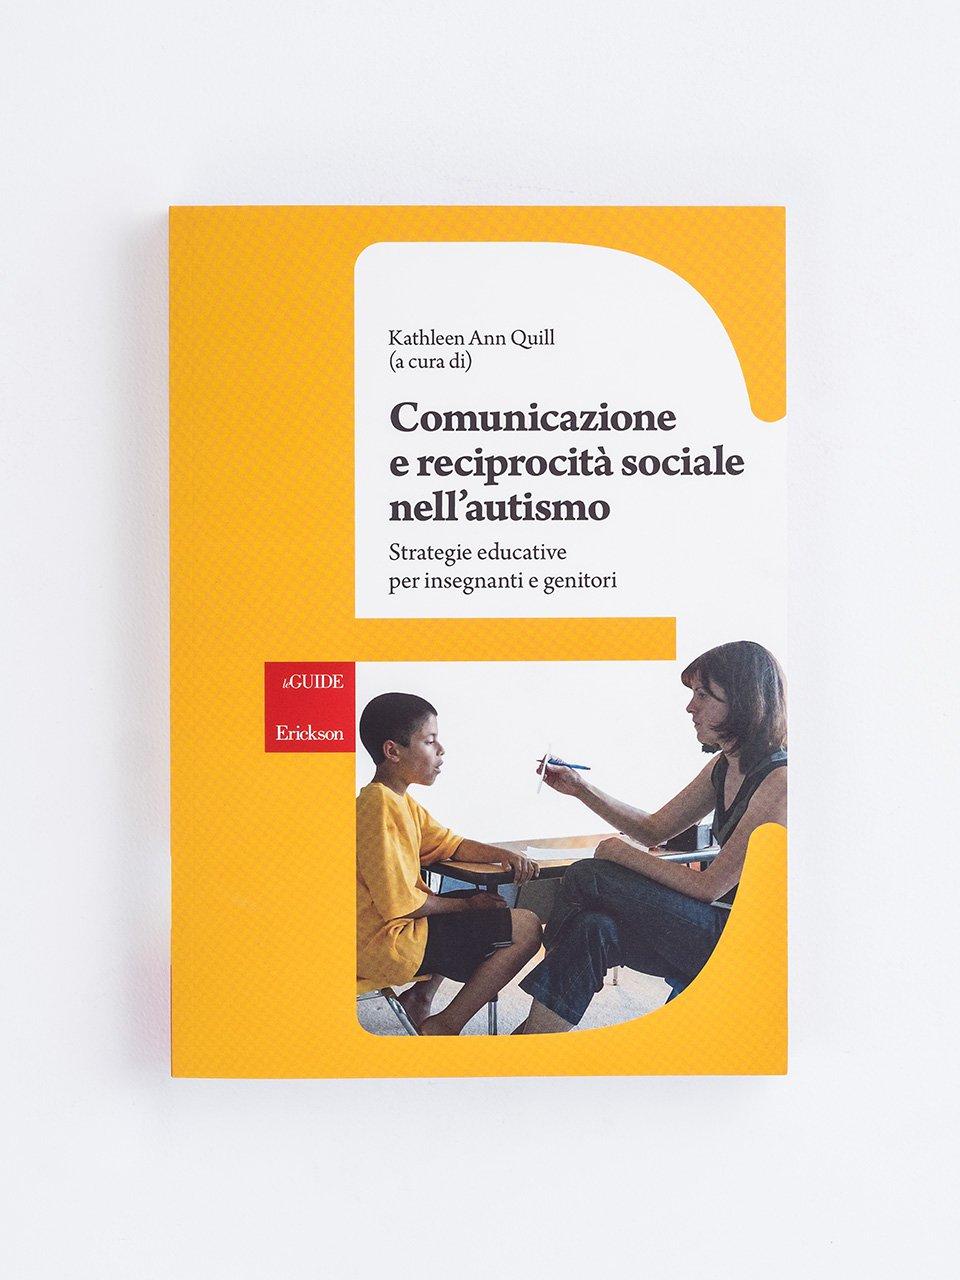 Comunicazione e reciprocità sociale nell'autismo - Vedere, pensare altre cose - Libri - Erickson